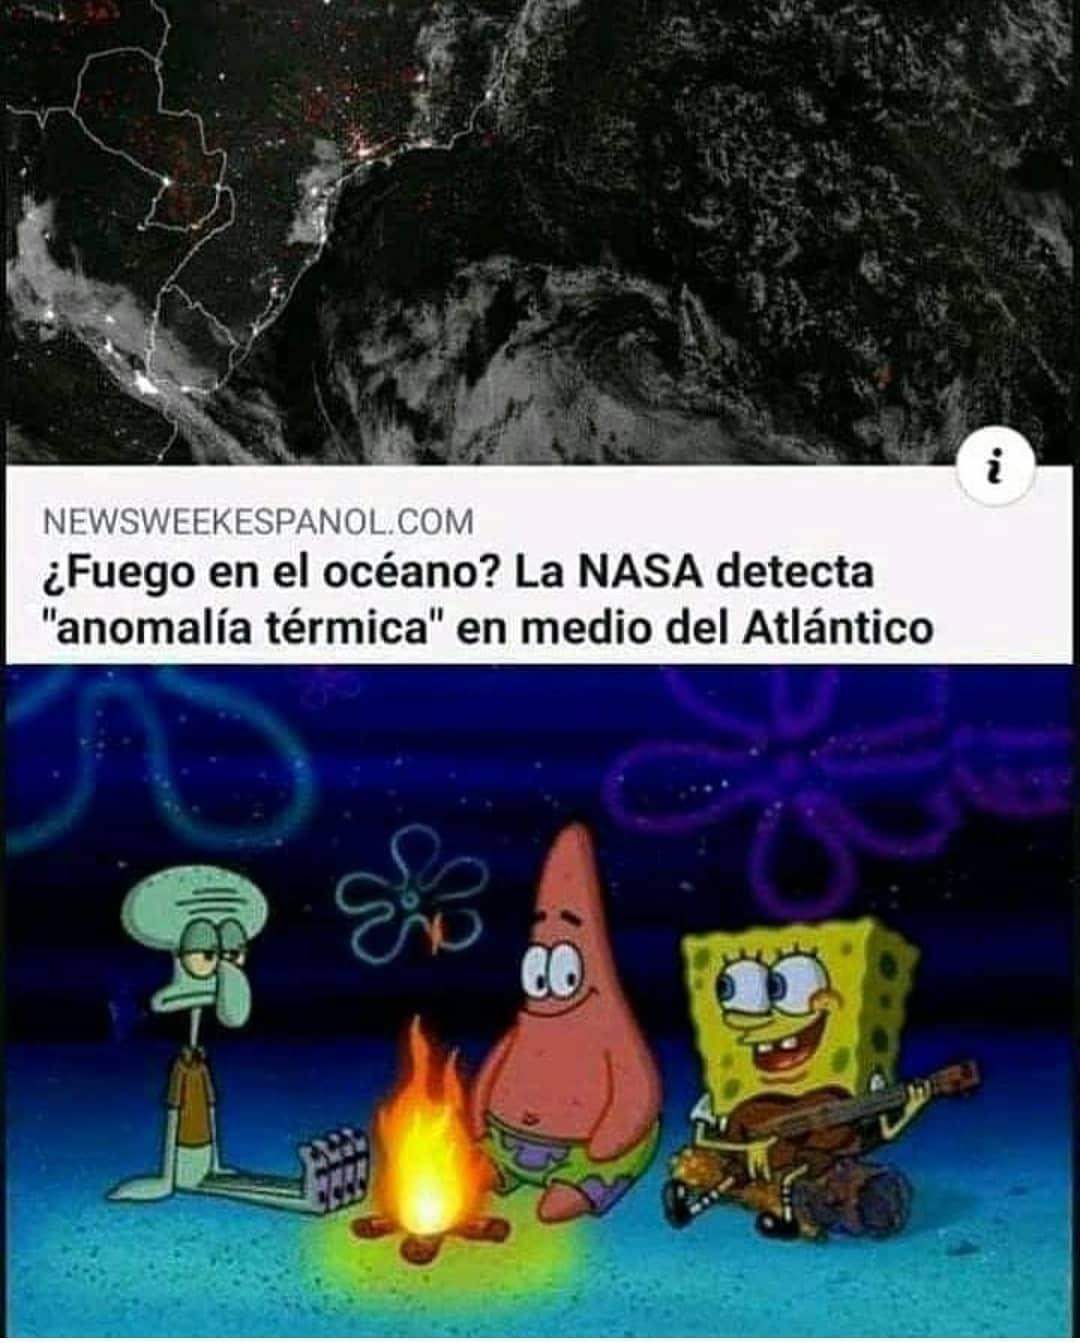 """¿Fuego en el océano? La NASA detecta """"anomalía térmica"""" en medio del Atlántico."""